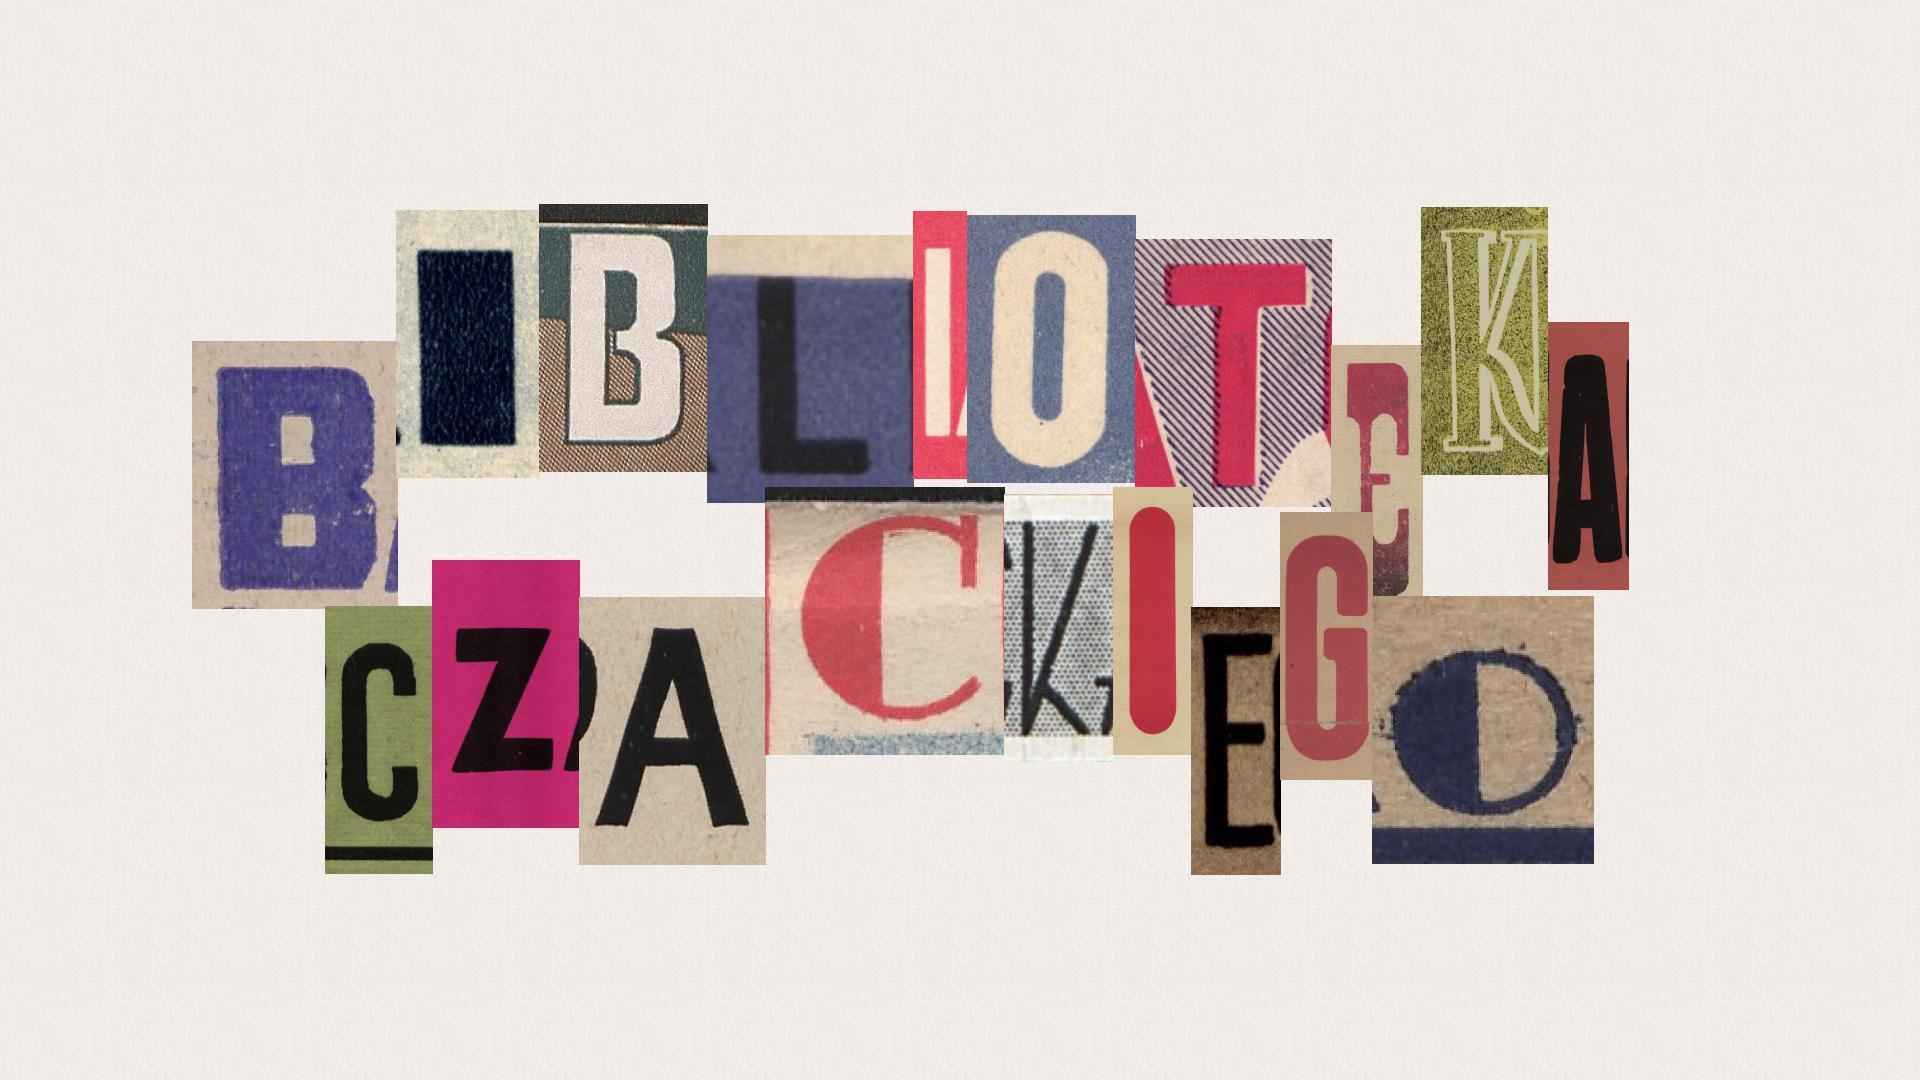 Kolaż inicjałów gazetowych składających się w napis Biblioteka Czackiego